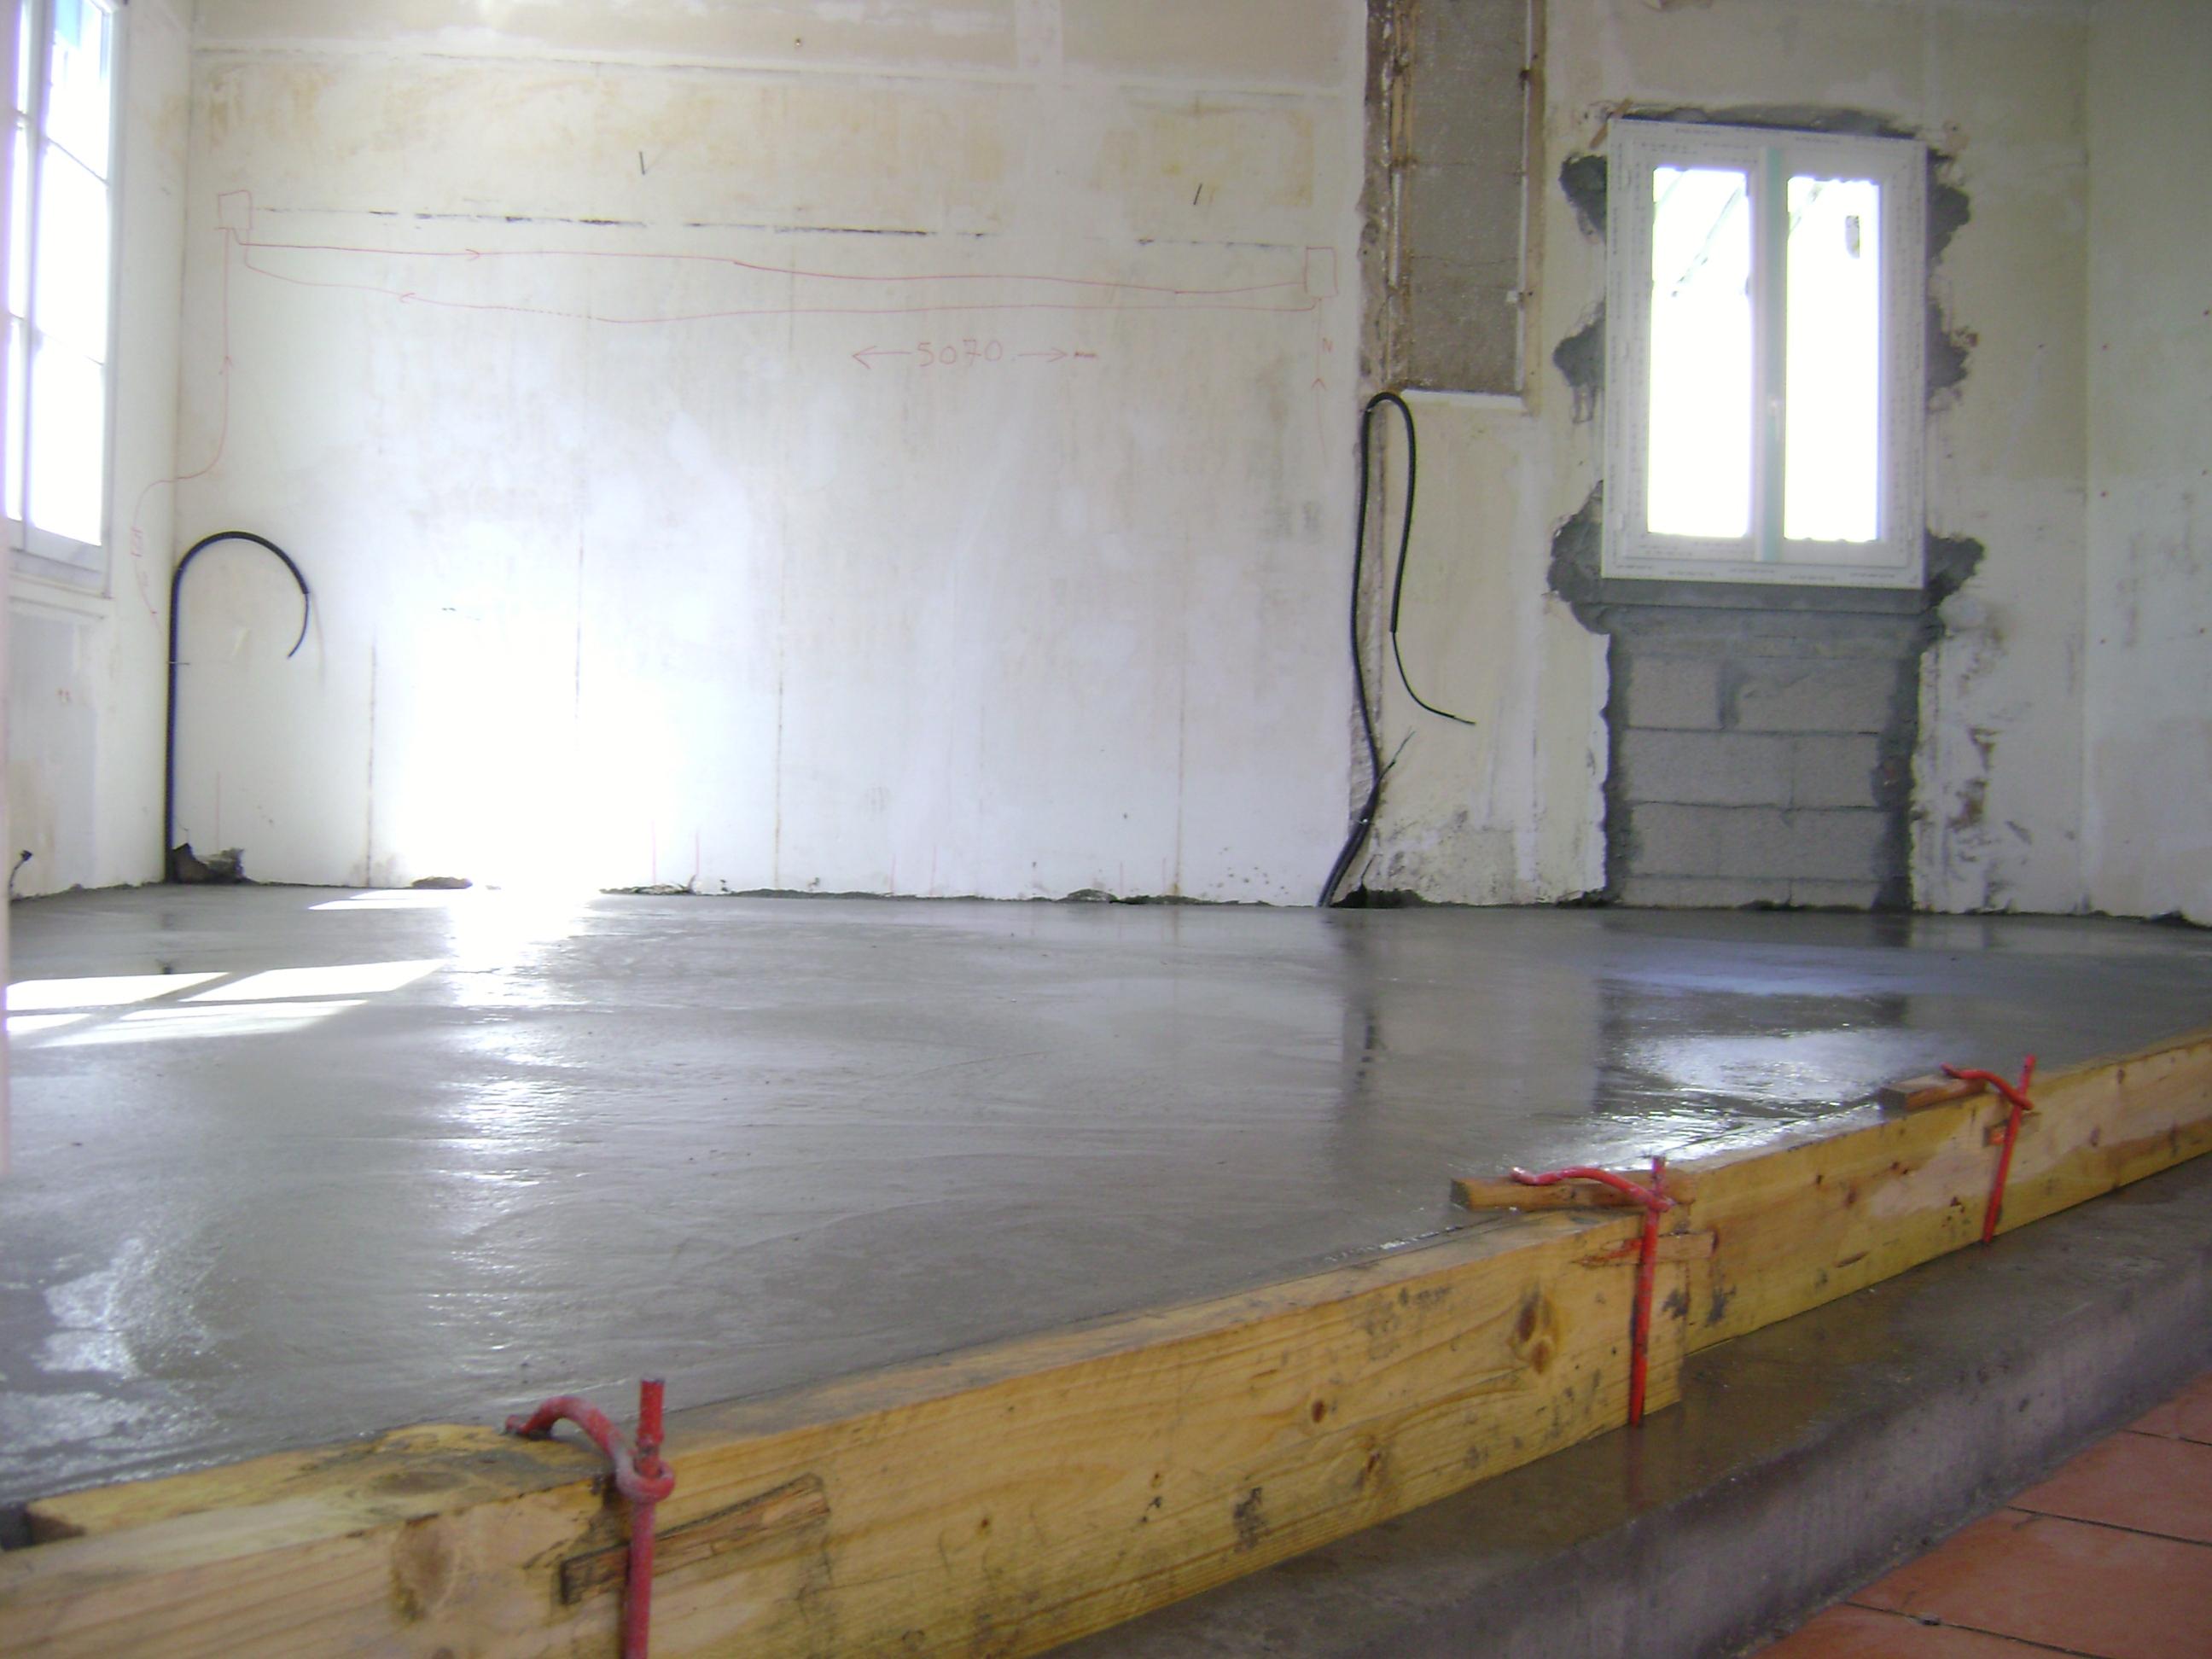 Beton In Interieur : Maçonnerie dalle béton intérieur frépillon 046 ikououbel